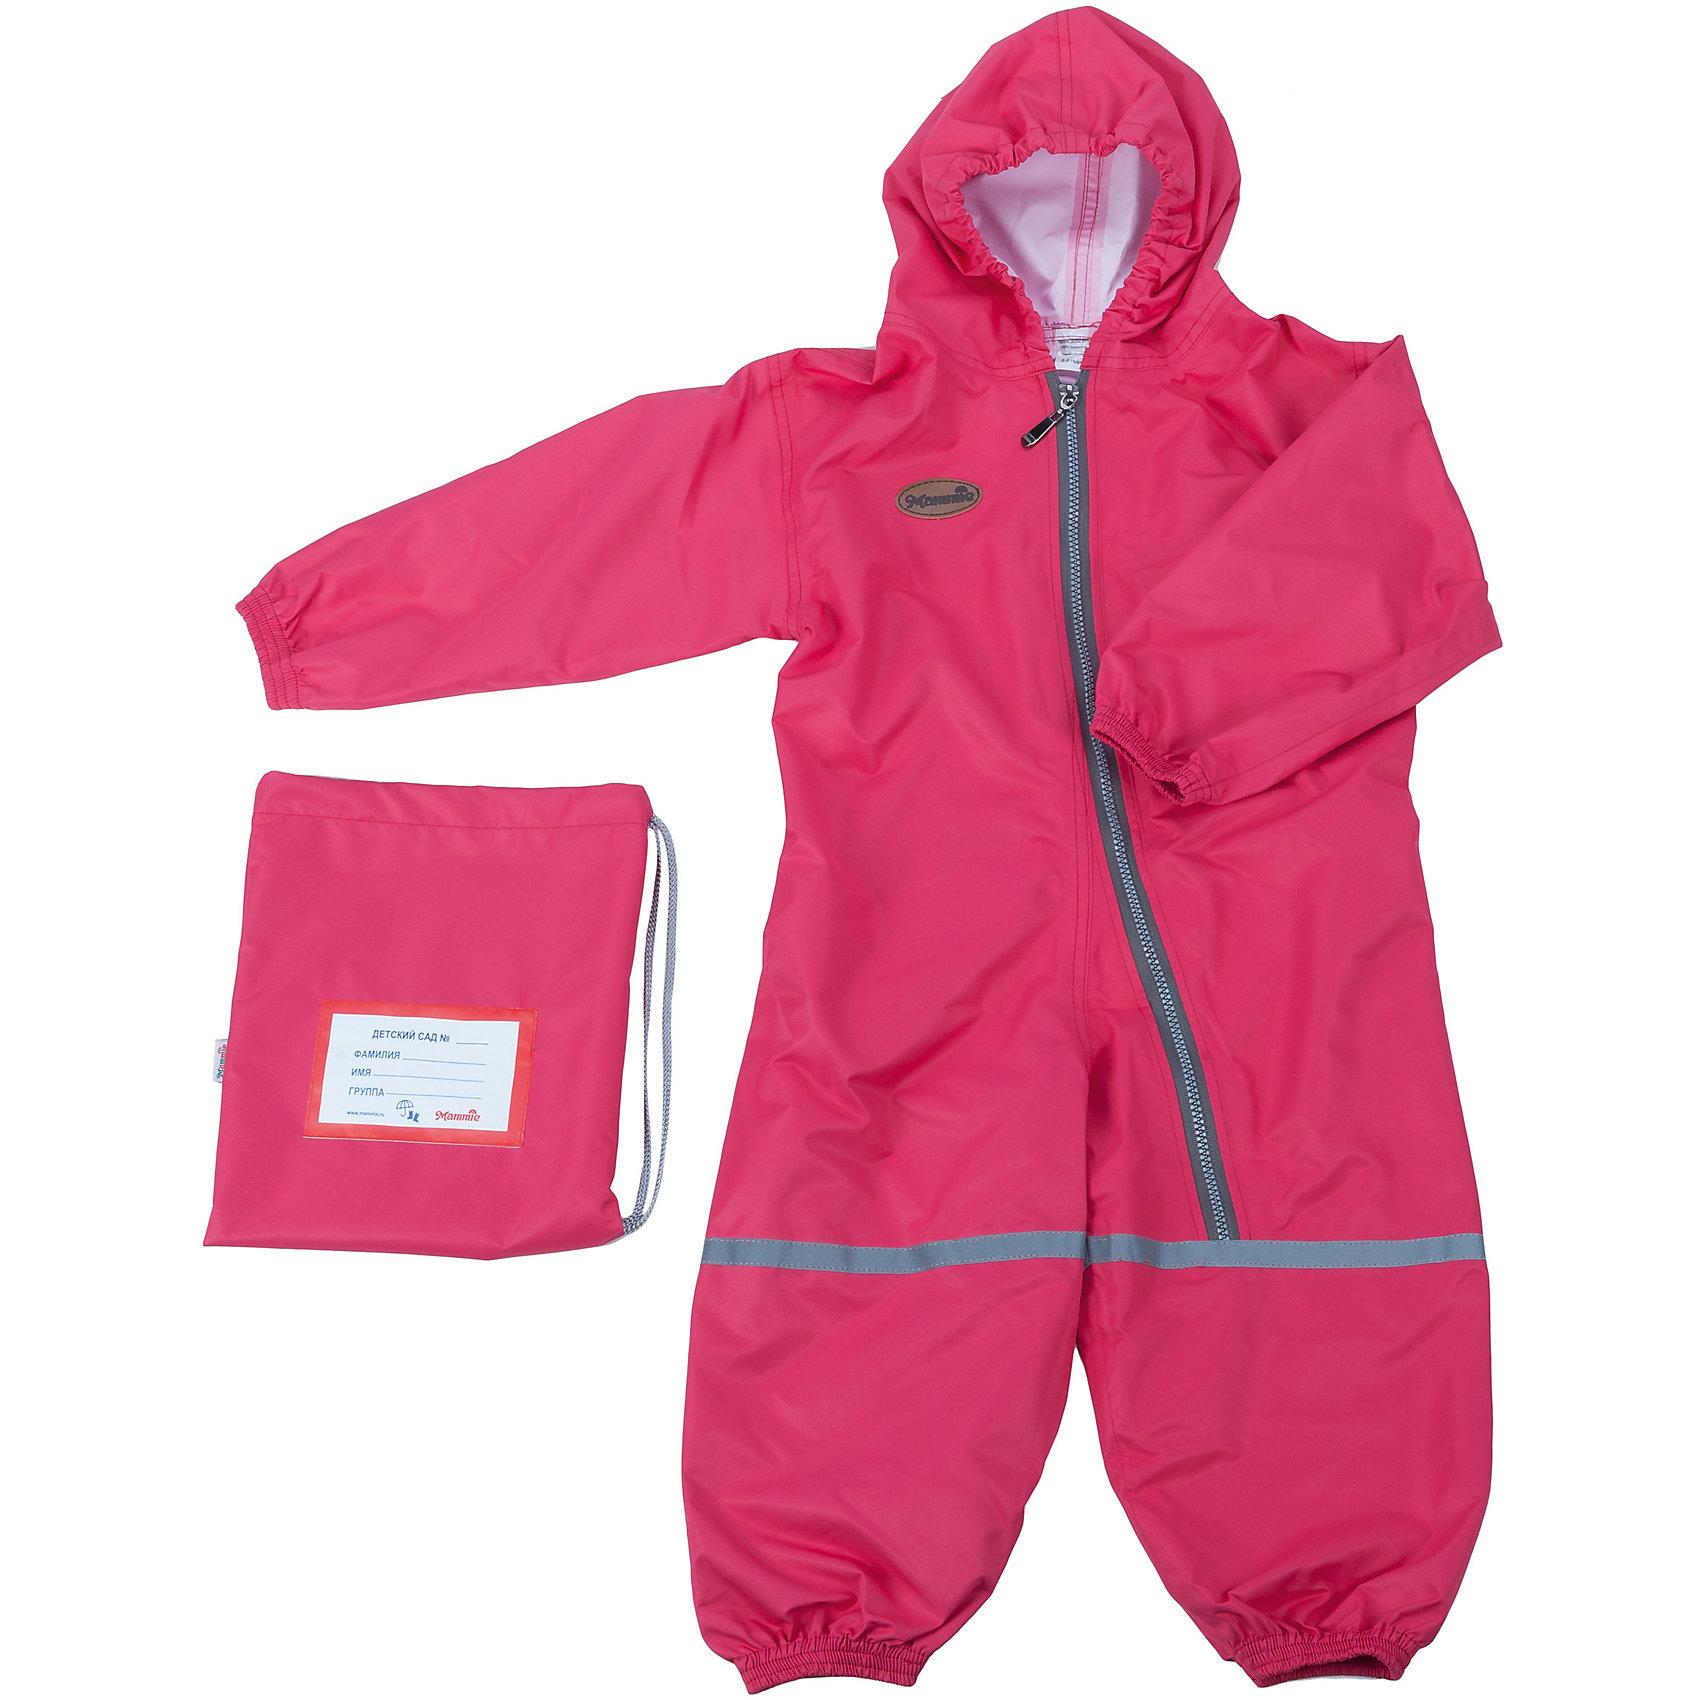 Комбинезон грязезащитный, р-р 1-2,мембрана, Mammie, фуксияВерхняя одежда<br>Комбинезон грязезащитный, р-р 1-2,мембрана, Mammie, фуксия.<br><br>Характеристики:<br><br>• Для детей от 1 года до 2 лет (рост 92-98 см.)<br>• Комплектация: комбинезон, мешочек с именной нашивкой<br>• Сезон: весна, лето, осень<br>• Температурный диапазон: от -5°С до +25°С<br>• Цвет: фуксия<br>• Материал: мембрана - 100% полиэстер<br>• Водонепроницаемость: 3000 мм. <br>• Дышащие свойства: 3000 гр/кв.м/24ч.<br>• Уход: машинная стирка при 30°С<br>• Размер упаковки: 20х30х5 см.<br>• Вес: 200 гр.<br><br>Детский грязезащитный, 100% непромокаемый дышащий комбинезон одевается поверх любой верхней одежды. Комбинезон утянут в поясе при помощи резинки. Глубокая молния позволяет ребенку самостоятельно надеть комбинезон. Ткань комбинезона не препятствует воздухообмену. Швы проклеены водозащитной лентой. Светоотражающие элементы повышают безопасность ребенка в темное время суток. Комбинезон отлично подходит для прогулок в детском саду в осенне-весенний период с грязью, лужами и слякотью. Легко стирается и моментально сохнет. Упакован в индивидуальный мешочек с именной нашивкой, который можно подвесить в шкафчик ребенка.<br><br>Комбинезон грязезащитный, р-р 1-2,мембрана, Mammie, фуксия можно купить в нашем интернет-магазине.<br><br>Ширина мм: 200<br>Глубина мм: 300<br>Высота мм: 50<br>Вес г: 200<br>Возраст от месяцев: 12<br>Возраст до месяцев: 24<br>Пол: Унисекс<br>Возраст: Детский<br>SKU: 5613247